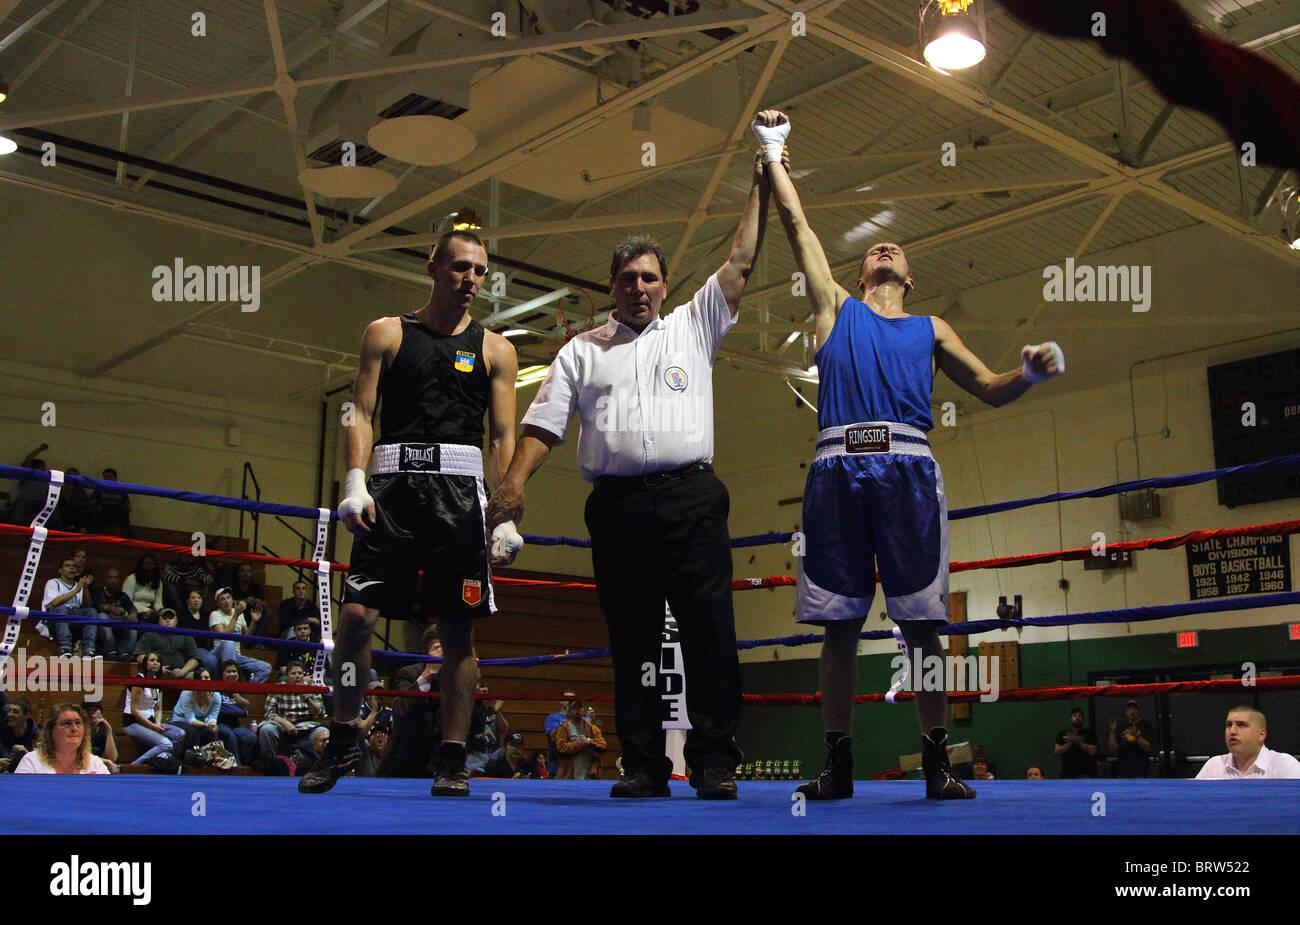 Il pugilato arbitro può contenere fino vincente del boxer braccio nell'anello dopo un incontro di pugilato Immagini Stock